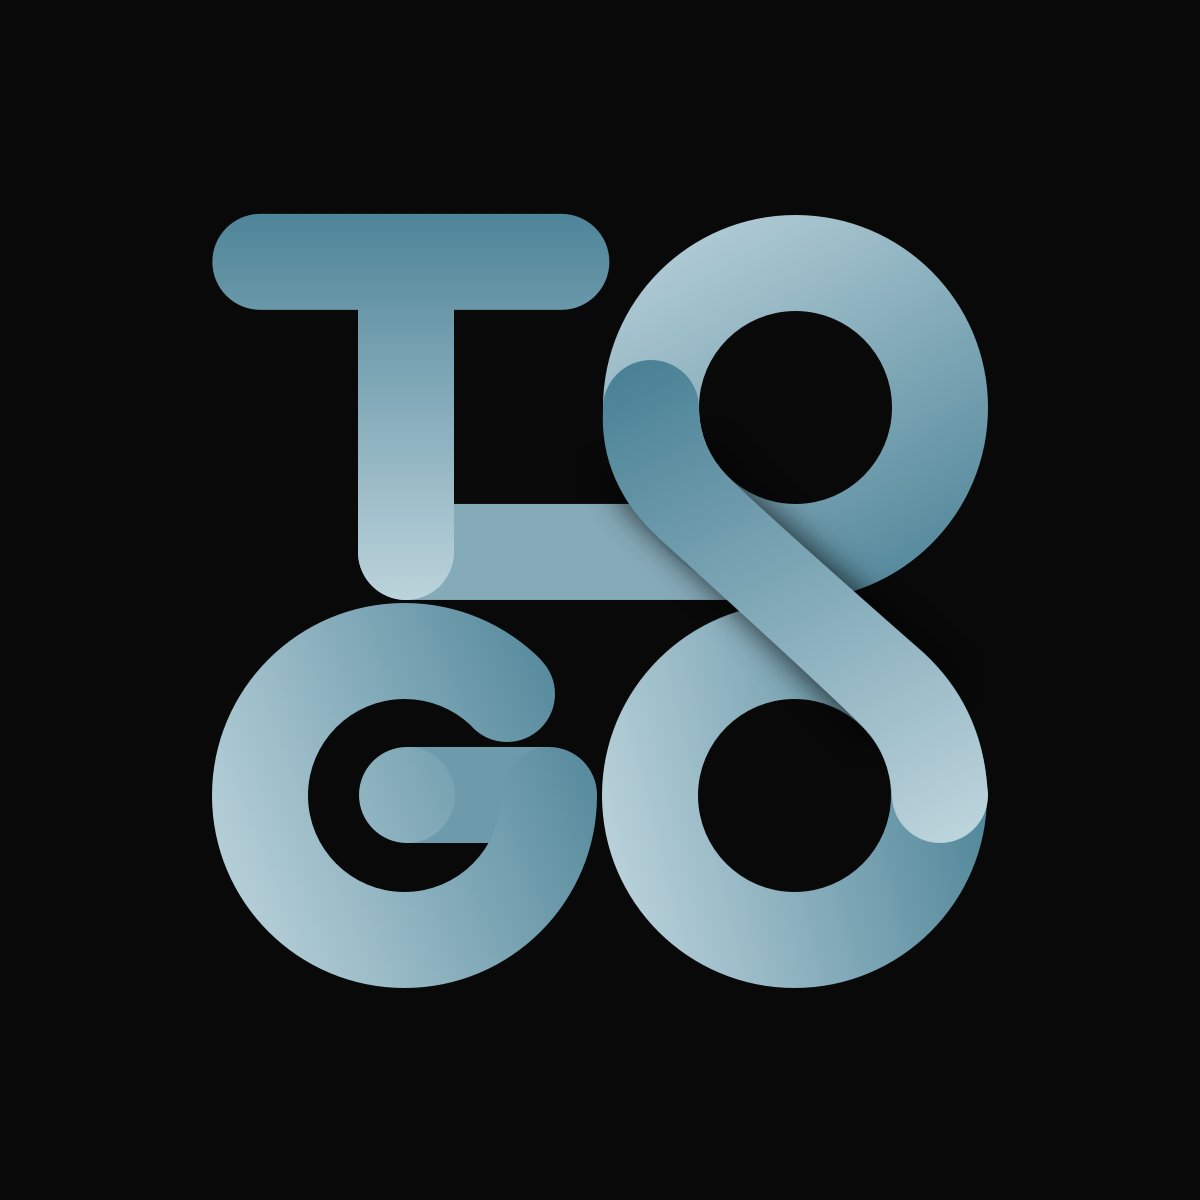 Разработать логотип и экран загрузки приложения фото f_3895a87443f942f3.png